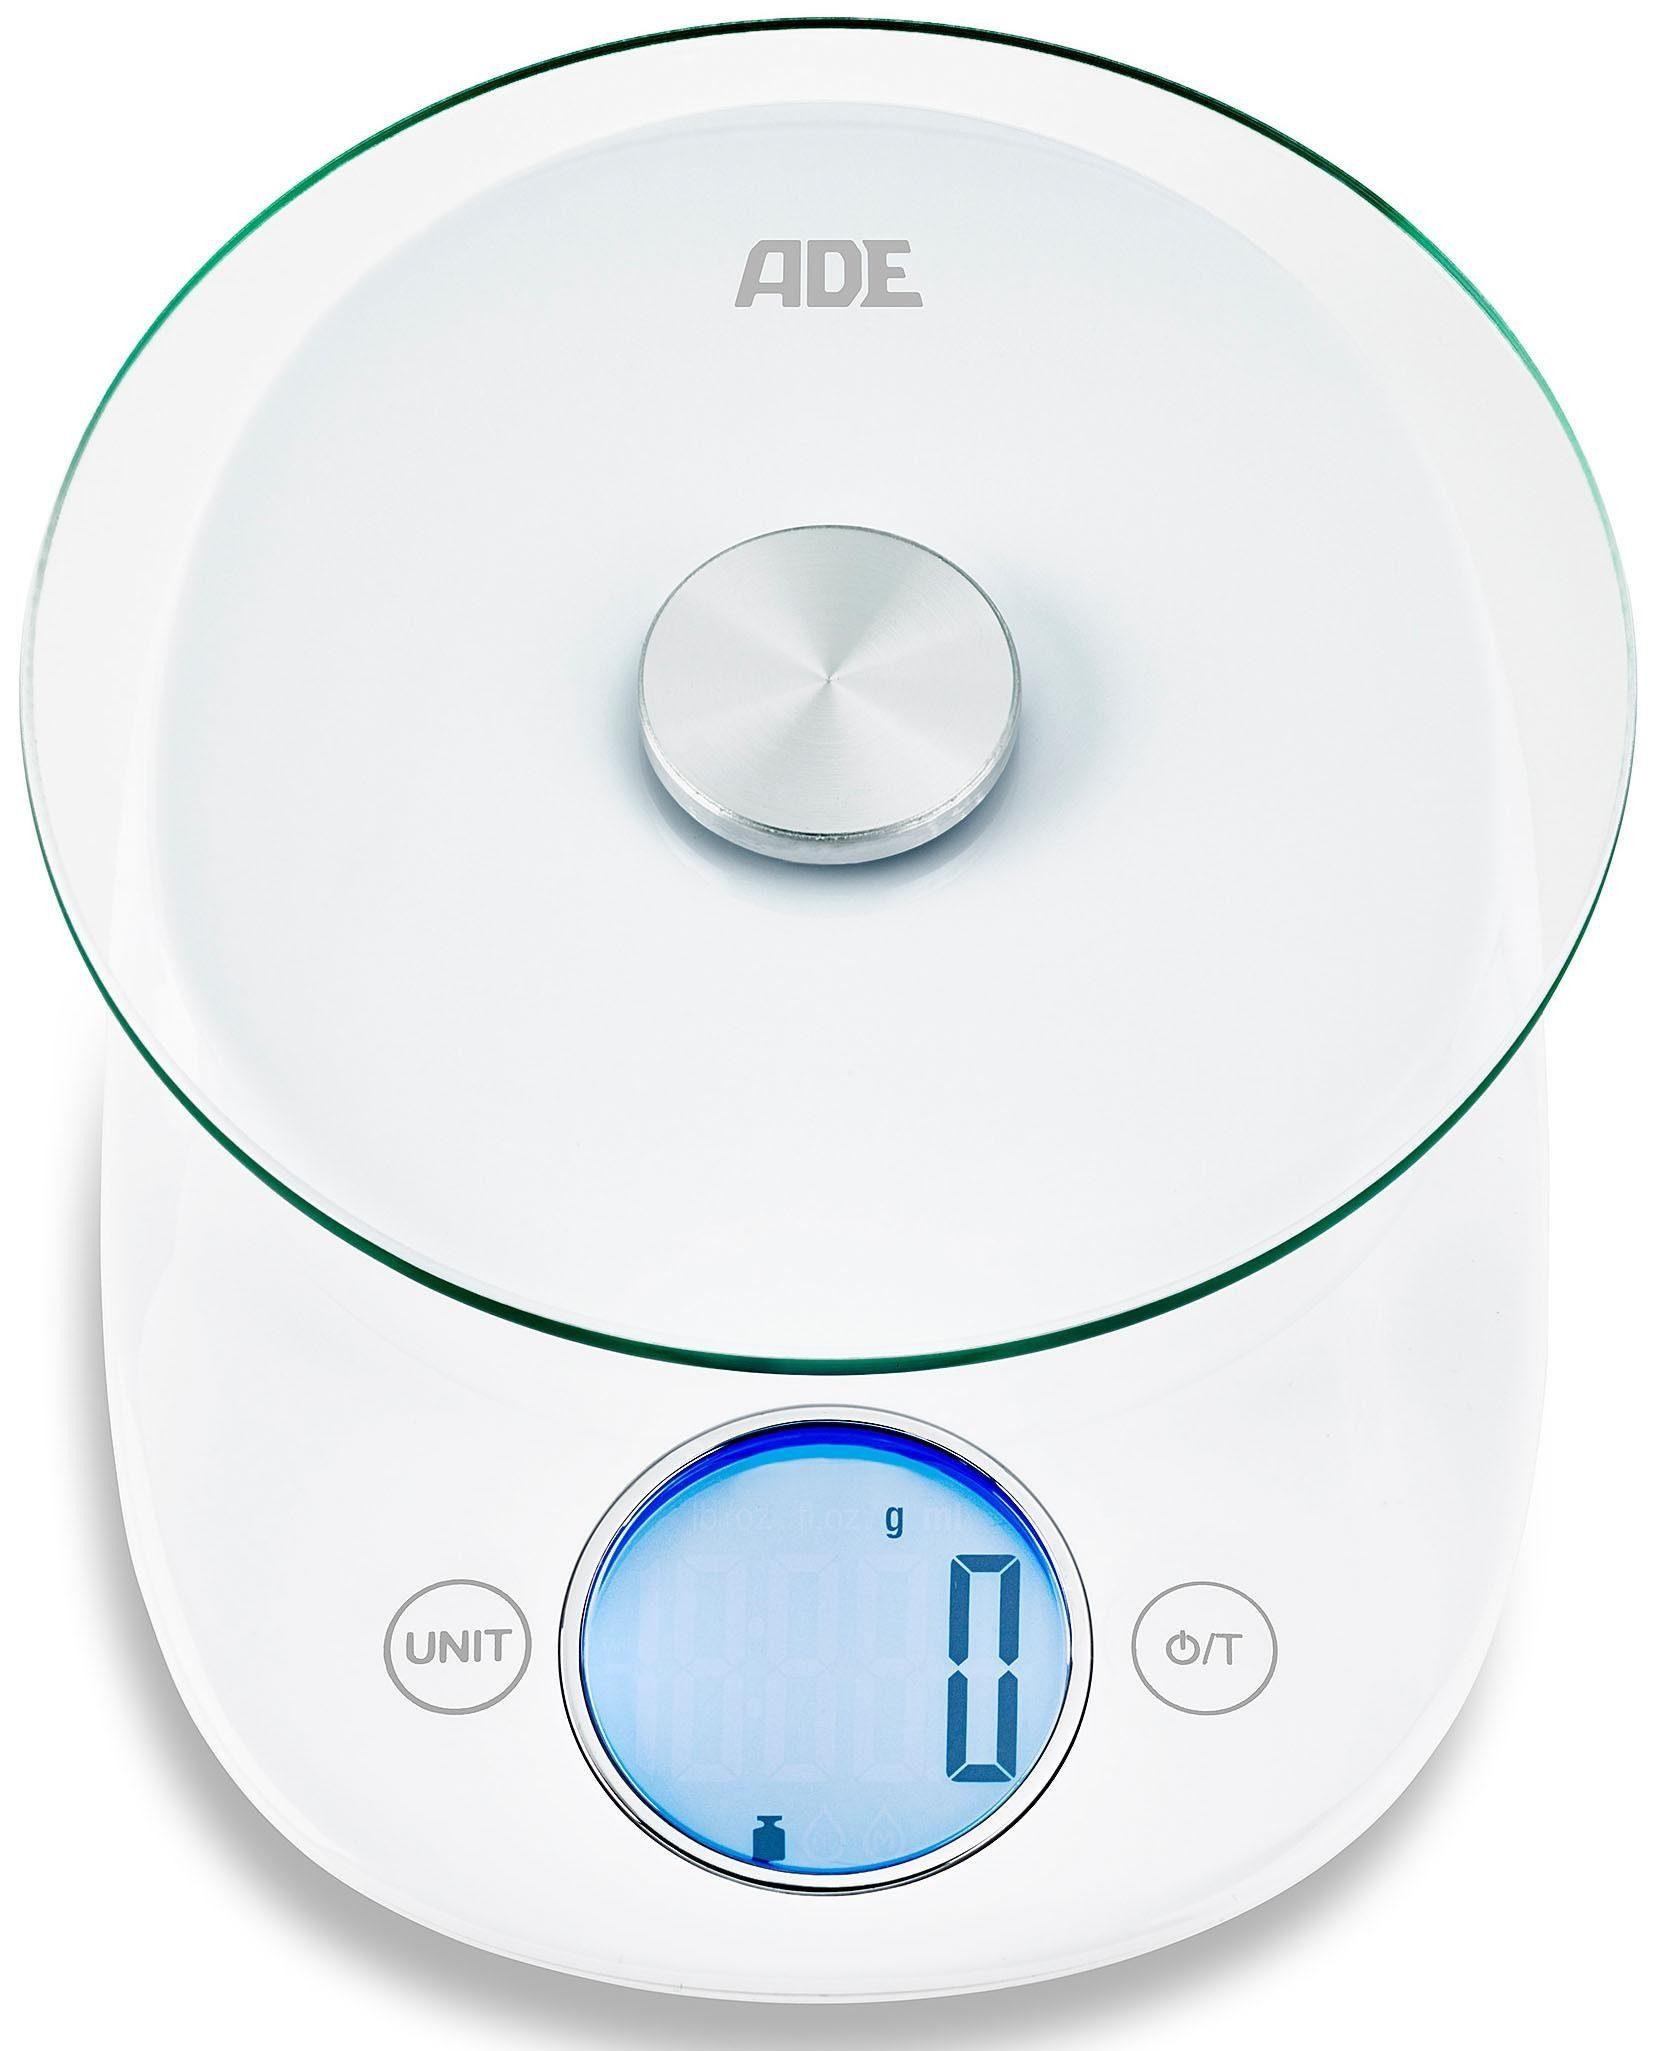 ADE Digitale Küchenwaage KE 1705 Carla